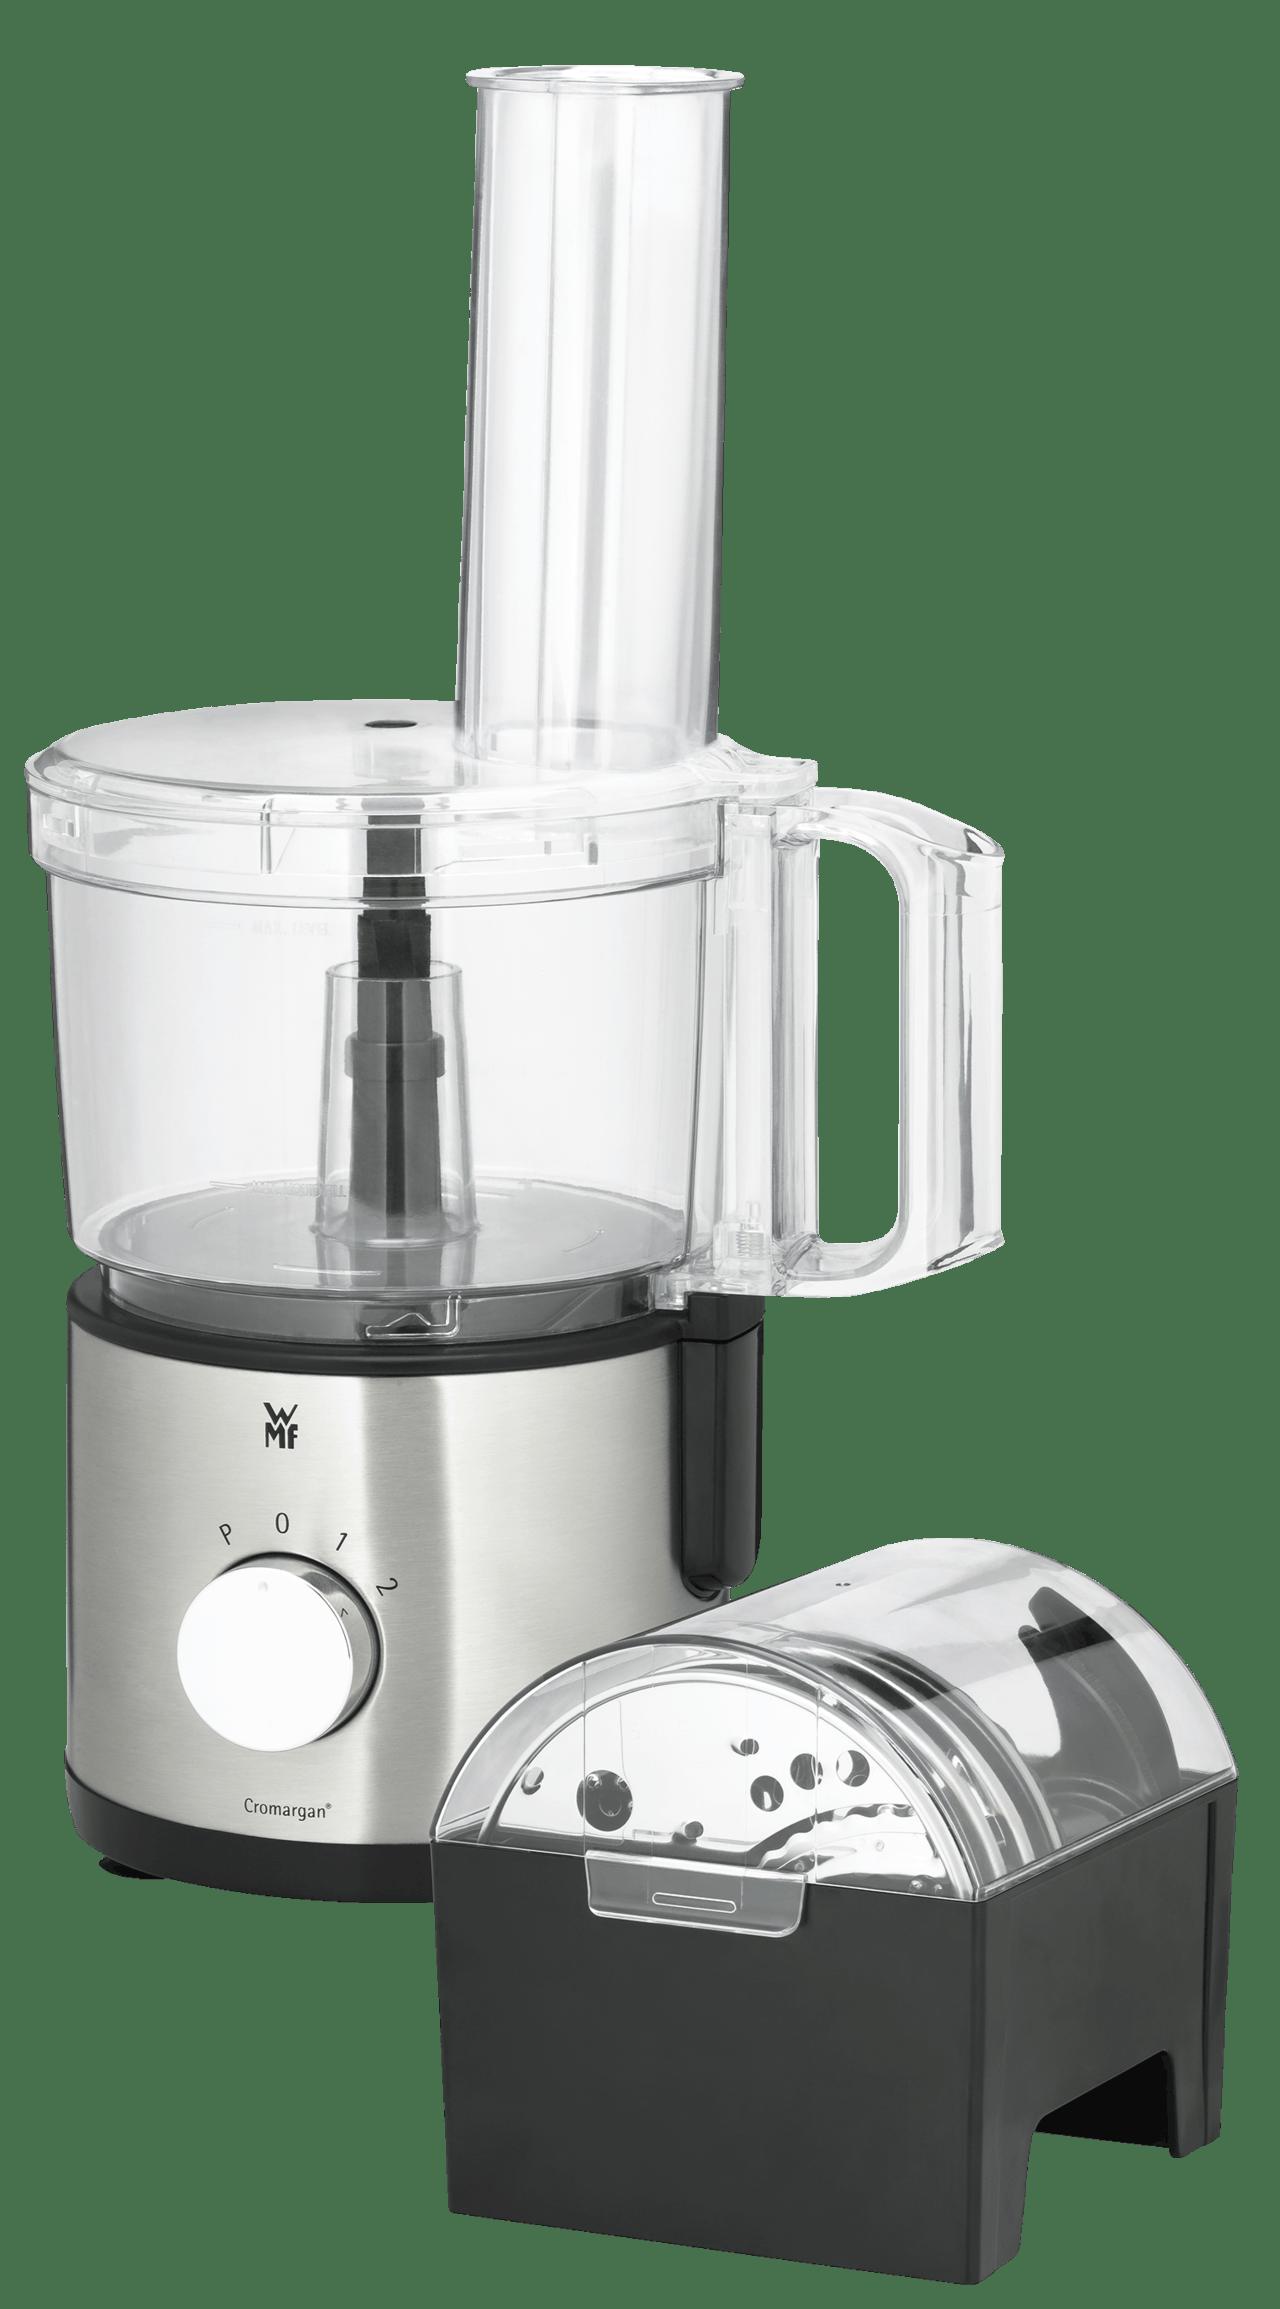 Wmf Küchenmaschine Kult 2021